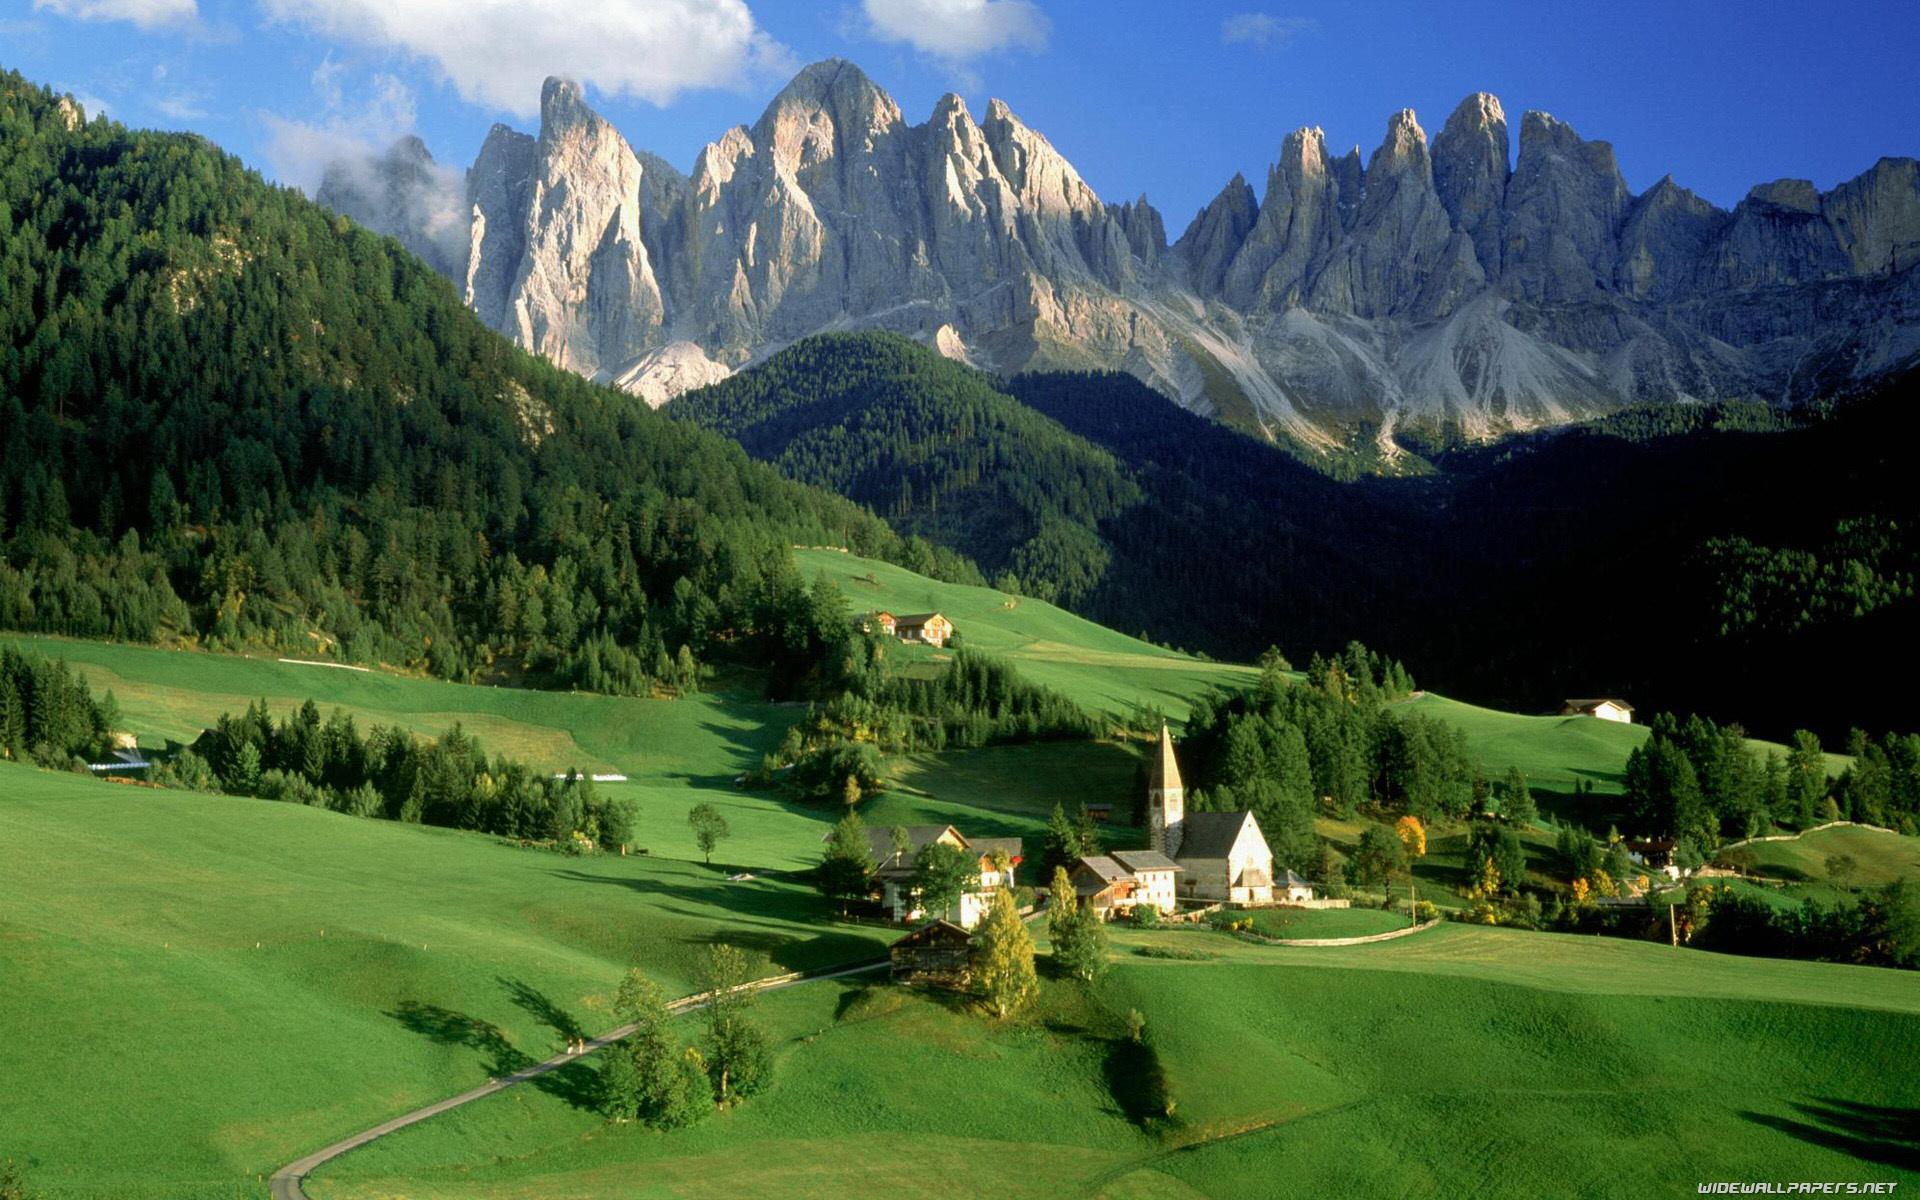 Sfondo Hd Paesaggio Di Montagna Francese Sfondi Hd Gratis